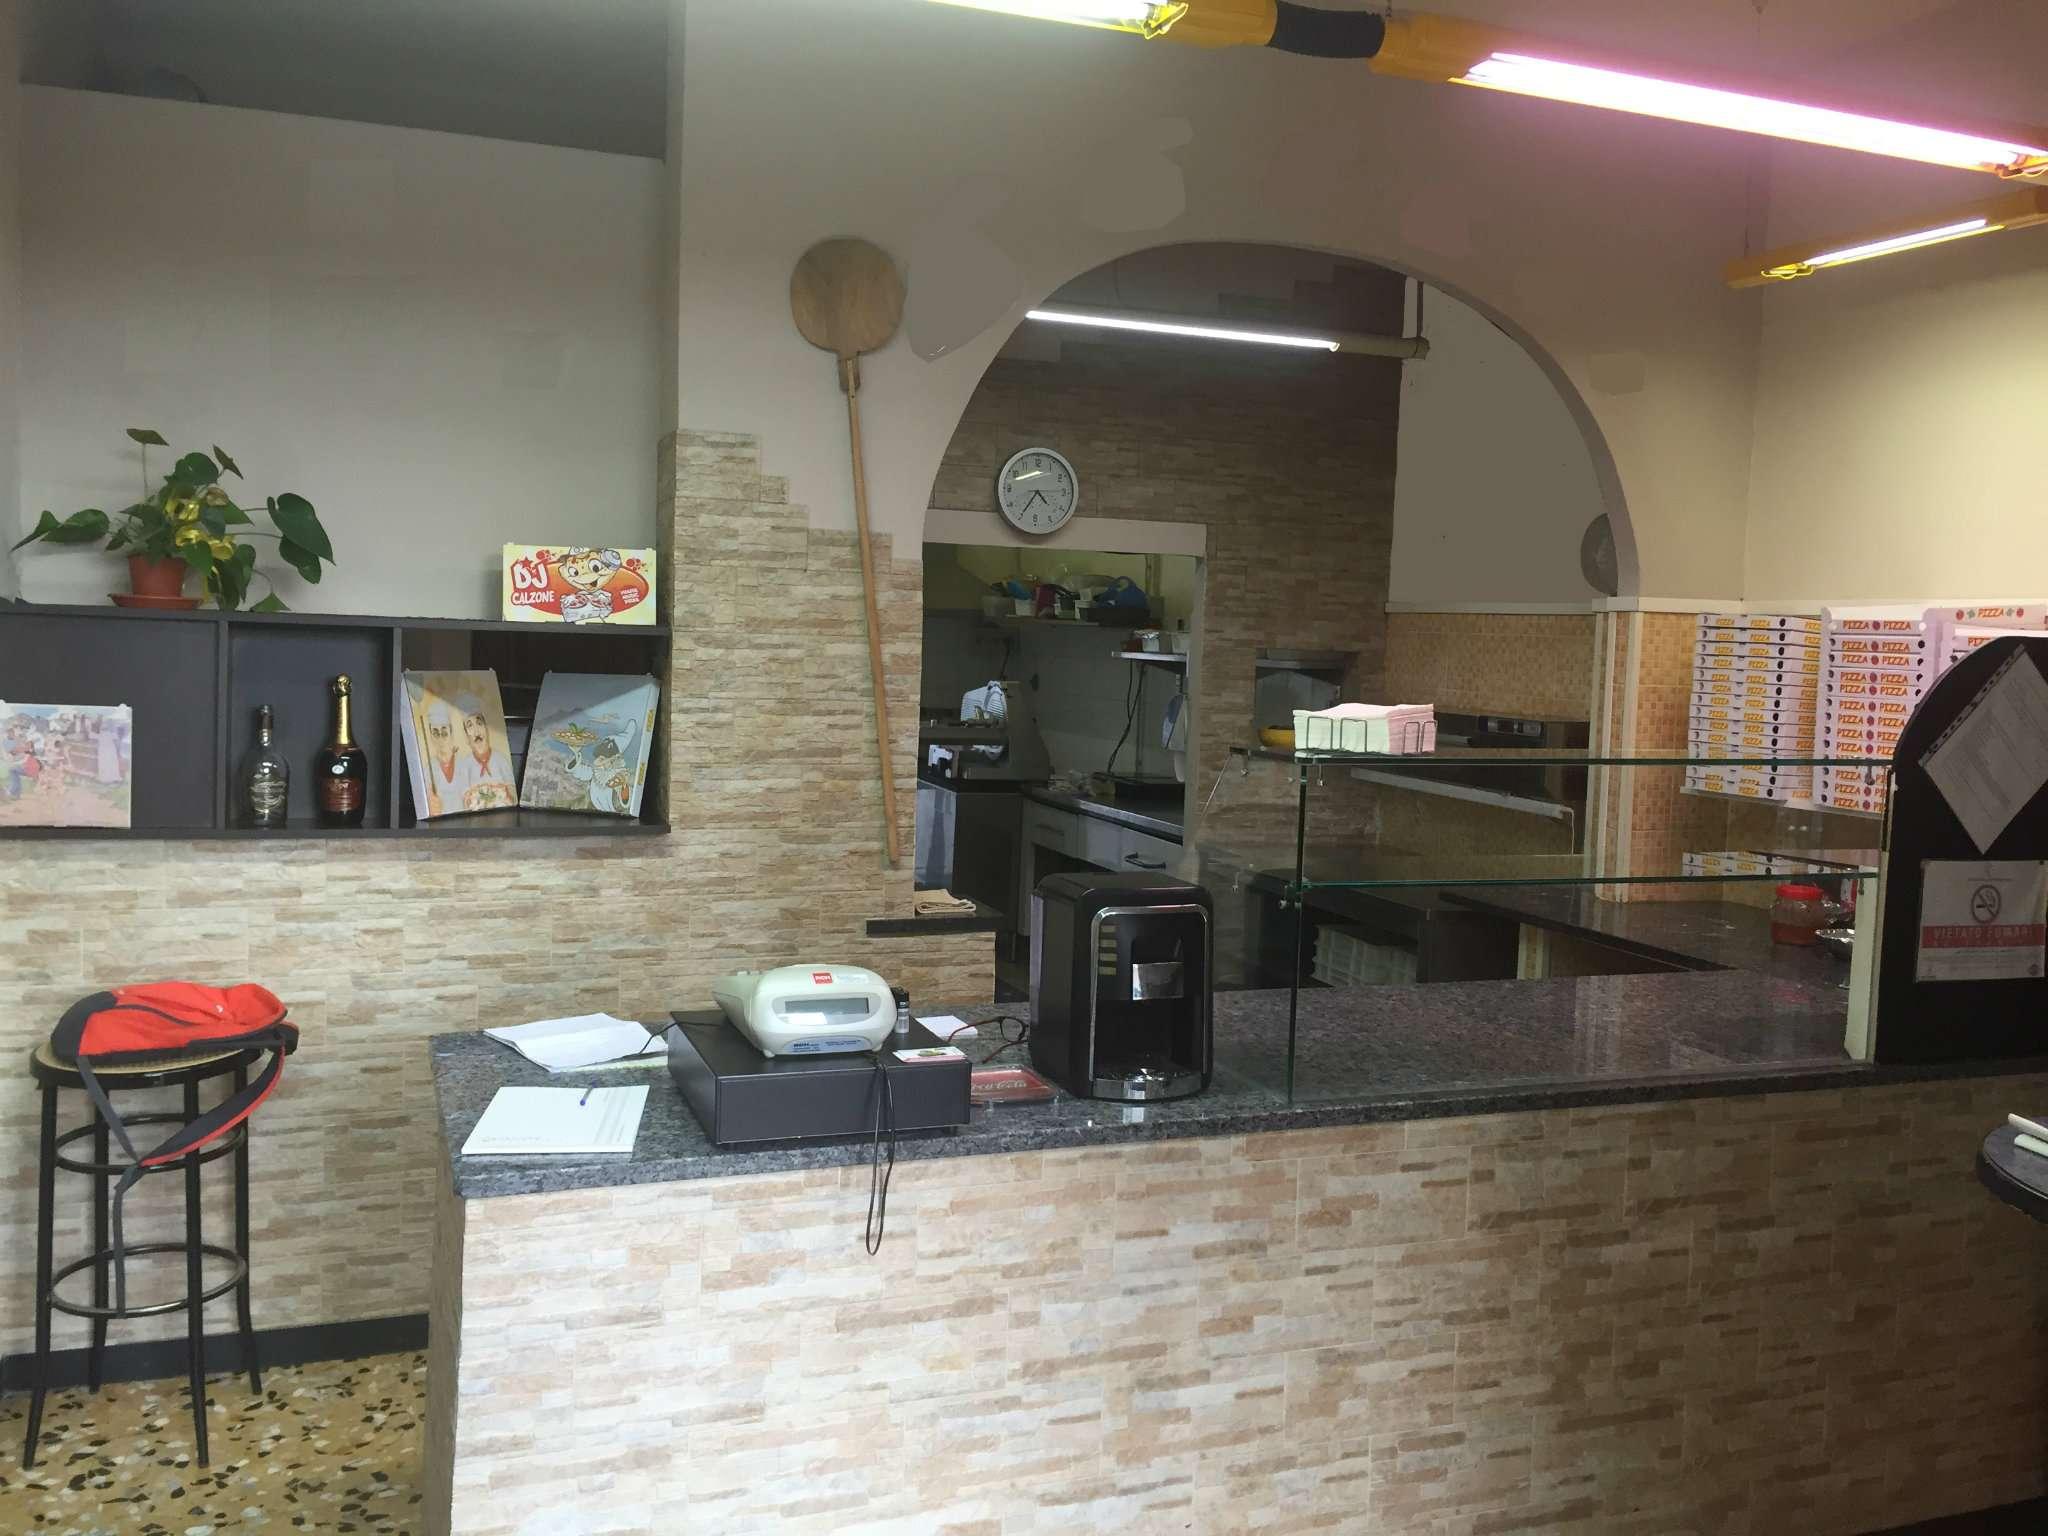 Ristorante / Pizzeria / Trattoria in vendita a Pinerolo, 1 locali, prezzo € 20.000 | Cambio Casa.it